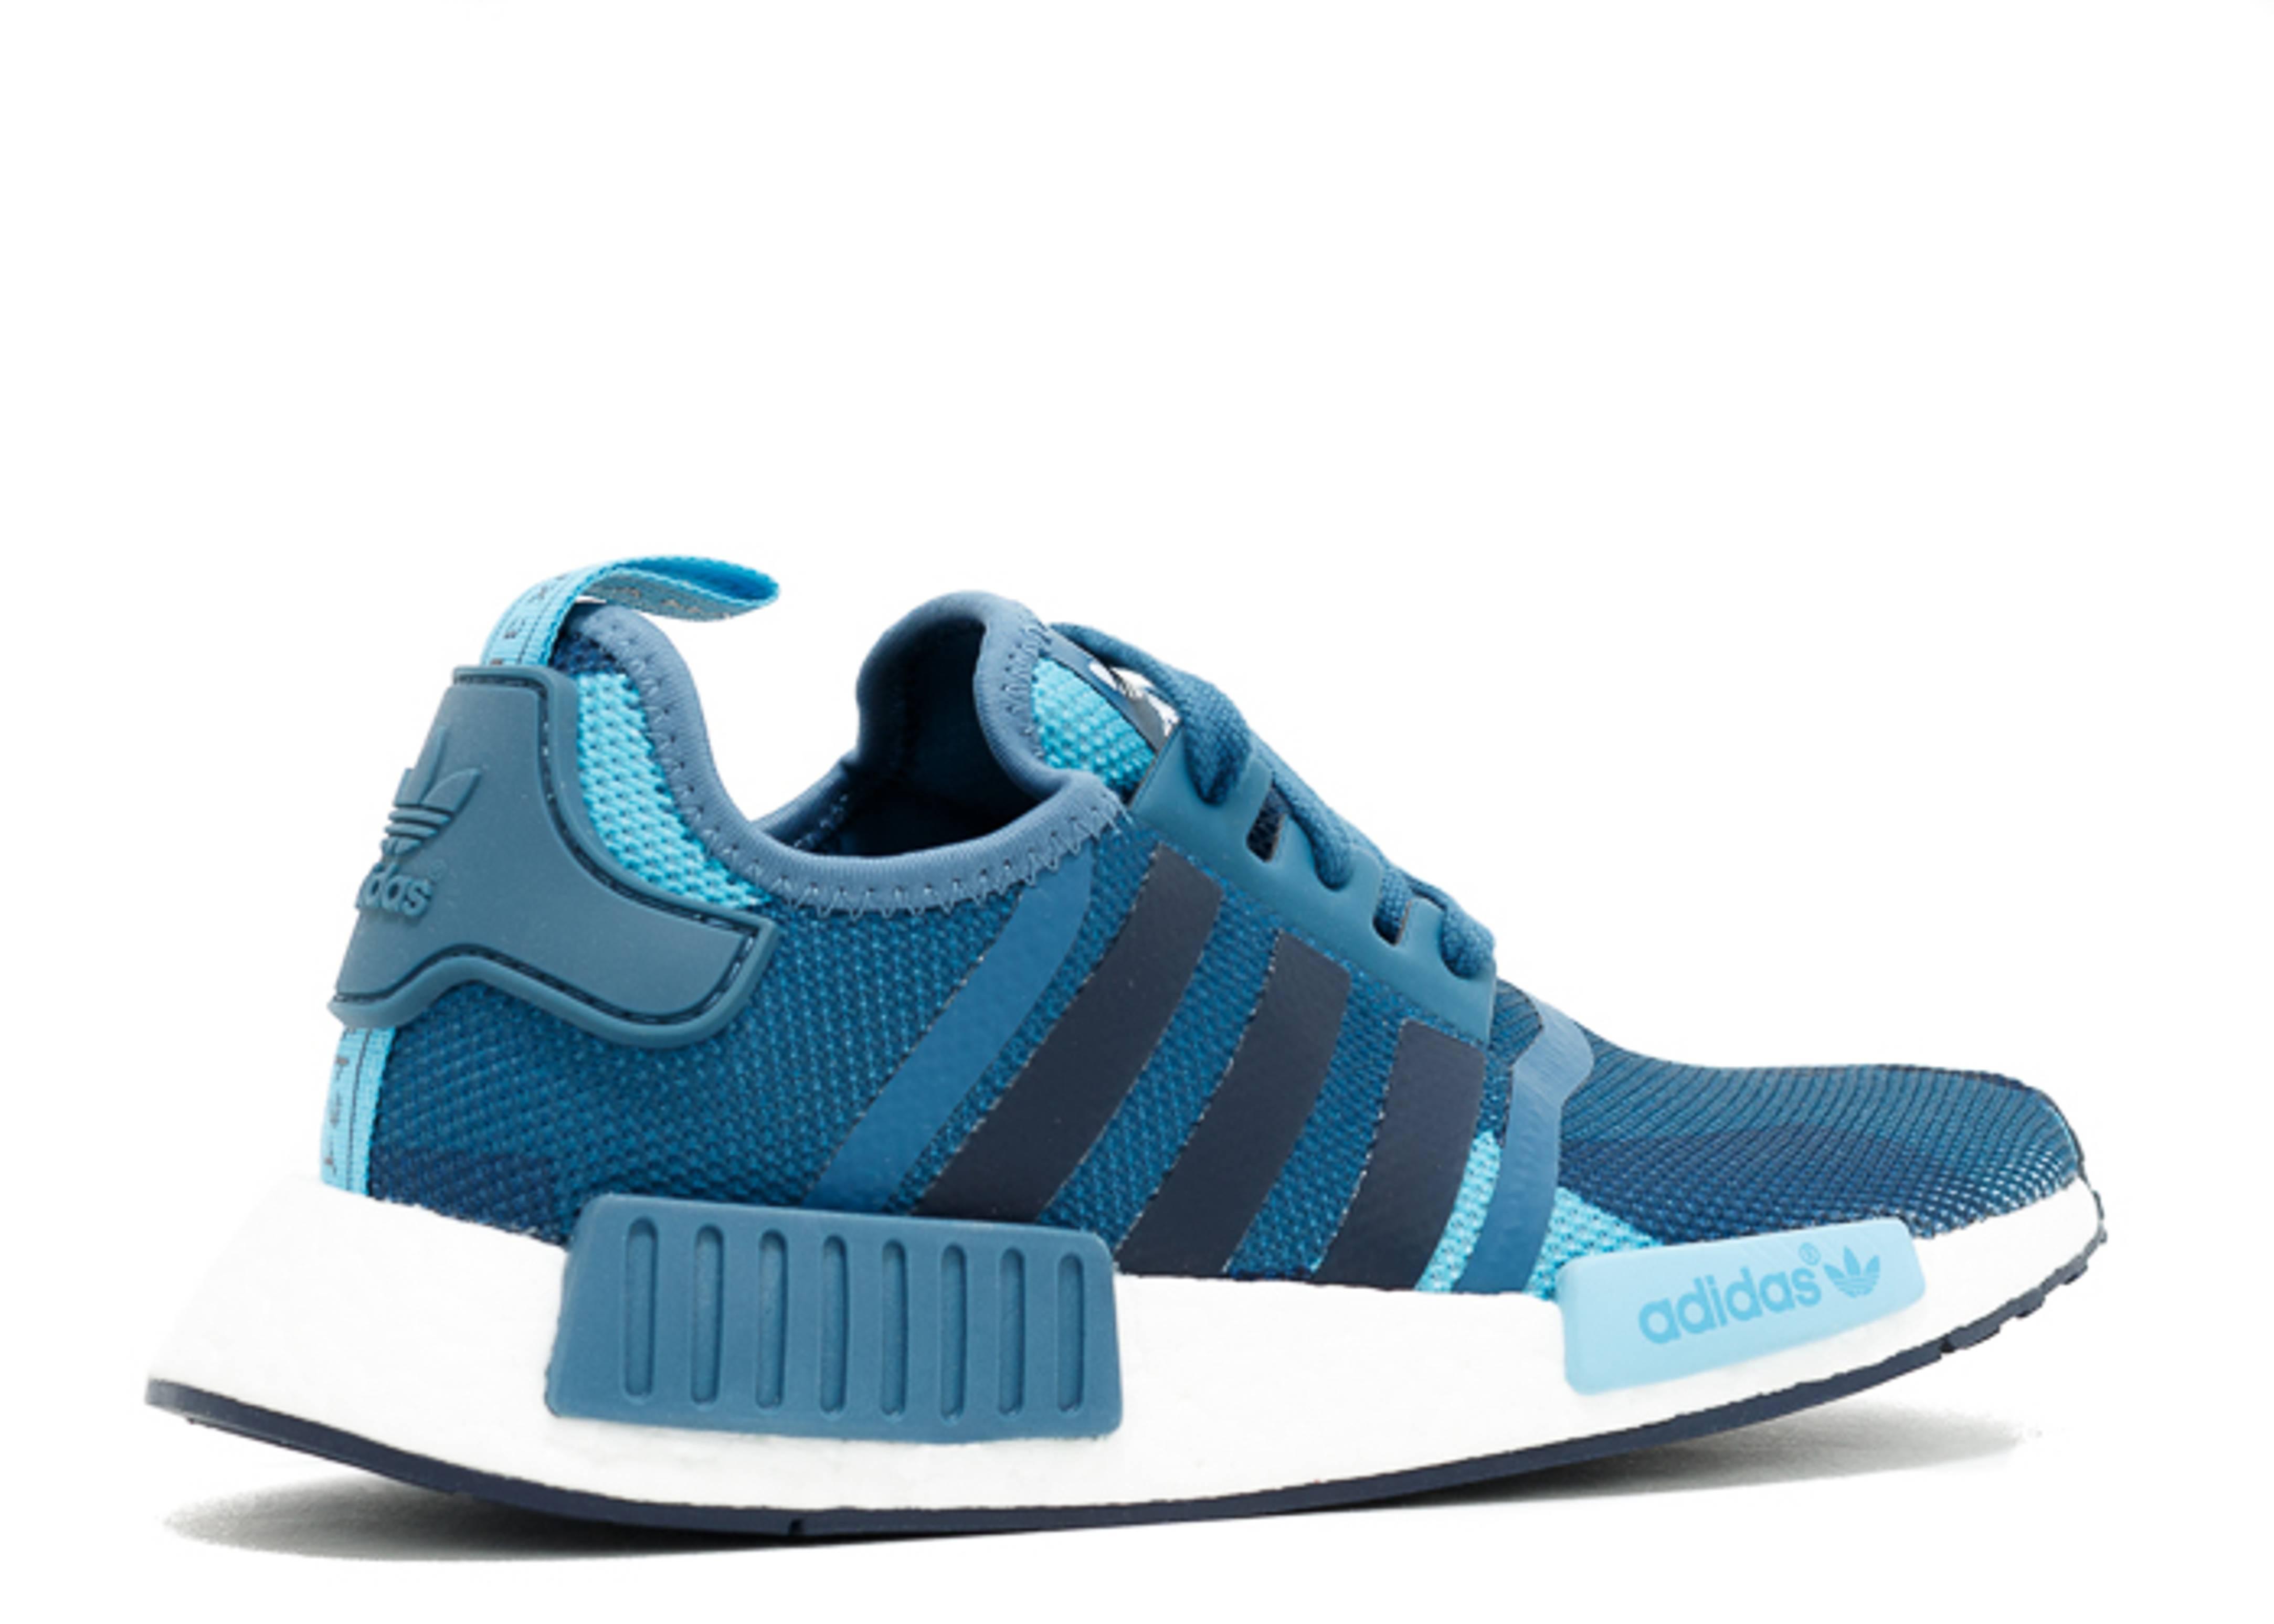 Nmd R1 W geometric Camo Adidas s75722 blanch blue